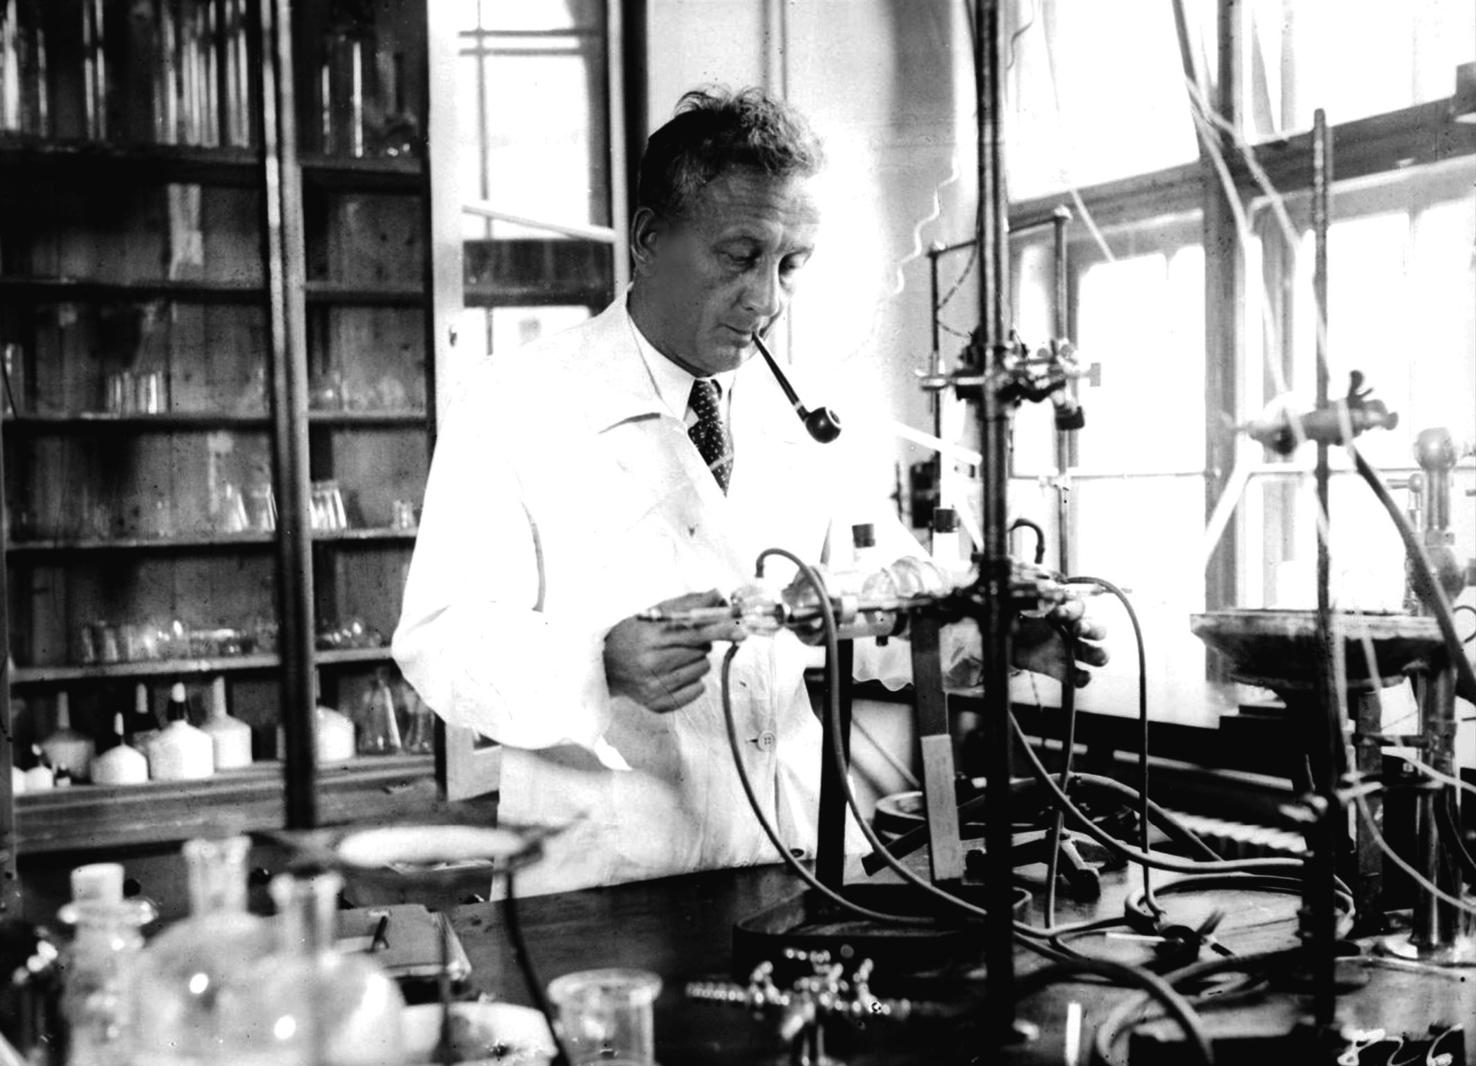 Szeged, 1930-as évek Szent-Györgyi Albert biokémikus szegedi laboratóriumában dolgozik. A felvétel készítésének pontos dátuma ismeretlen. MTI Fotó: Bojár Sándor